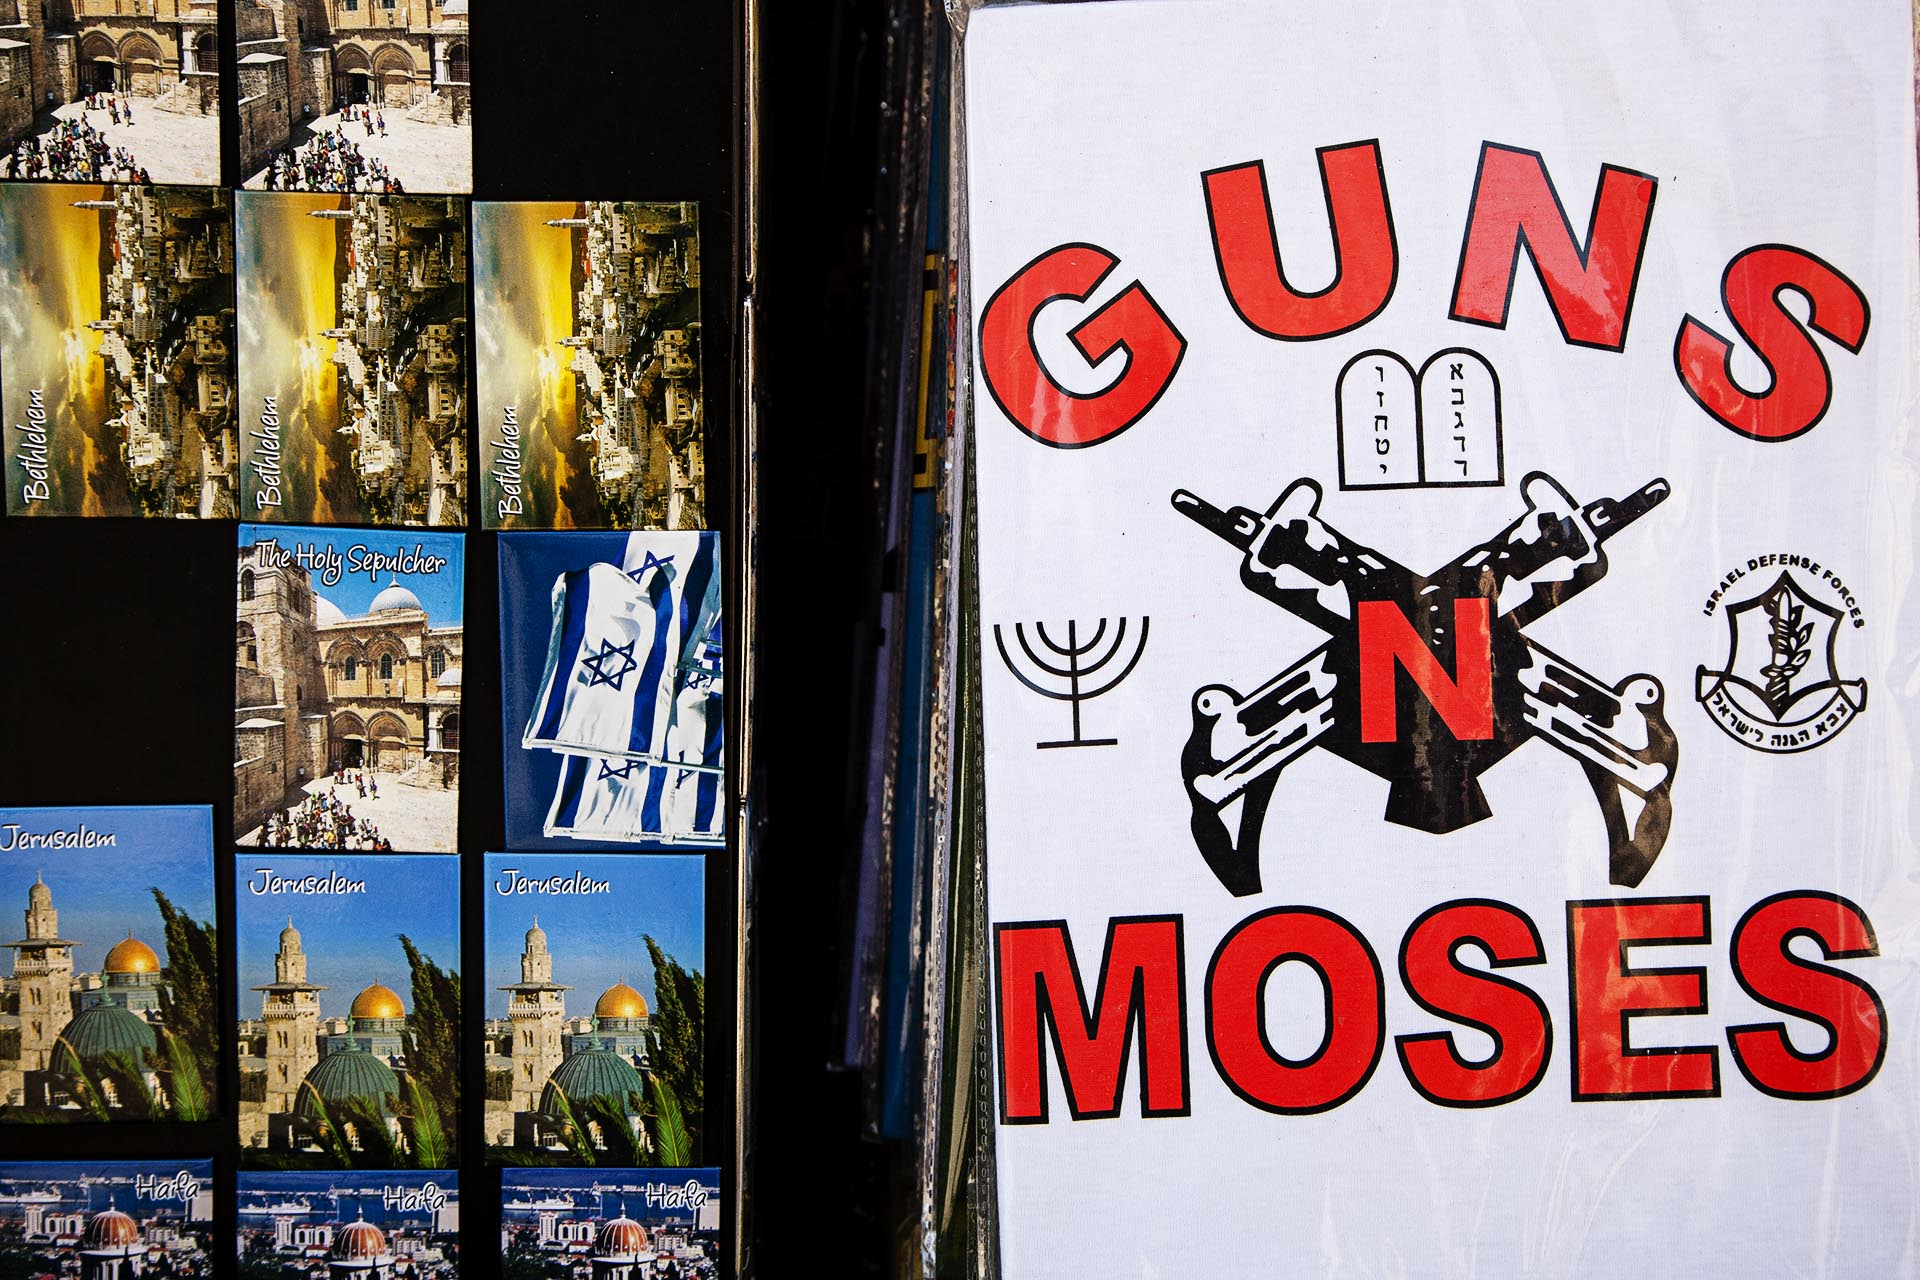 La militarización de la sociedad israelí pueda apreciarse hasta en las tiendas de souvenirs de Jerusalem